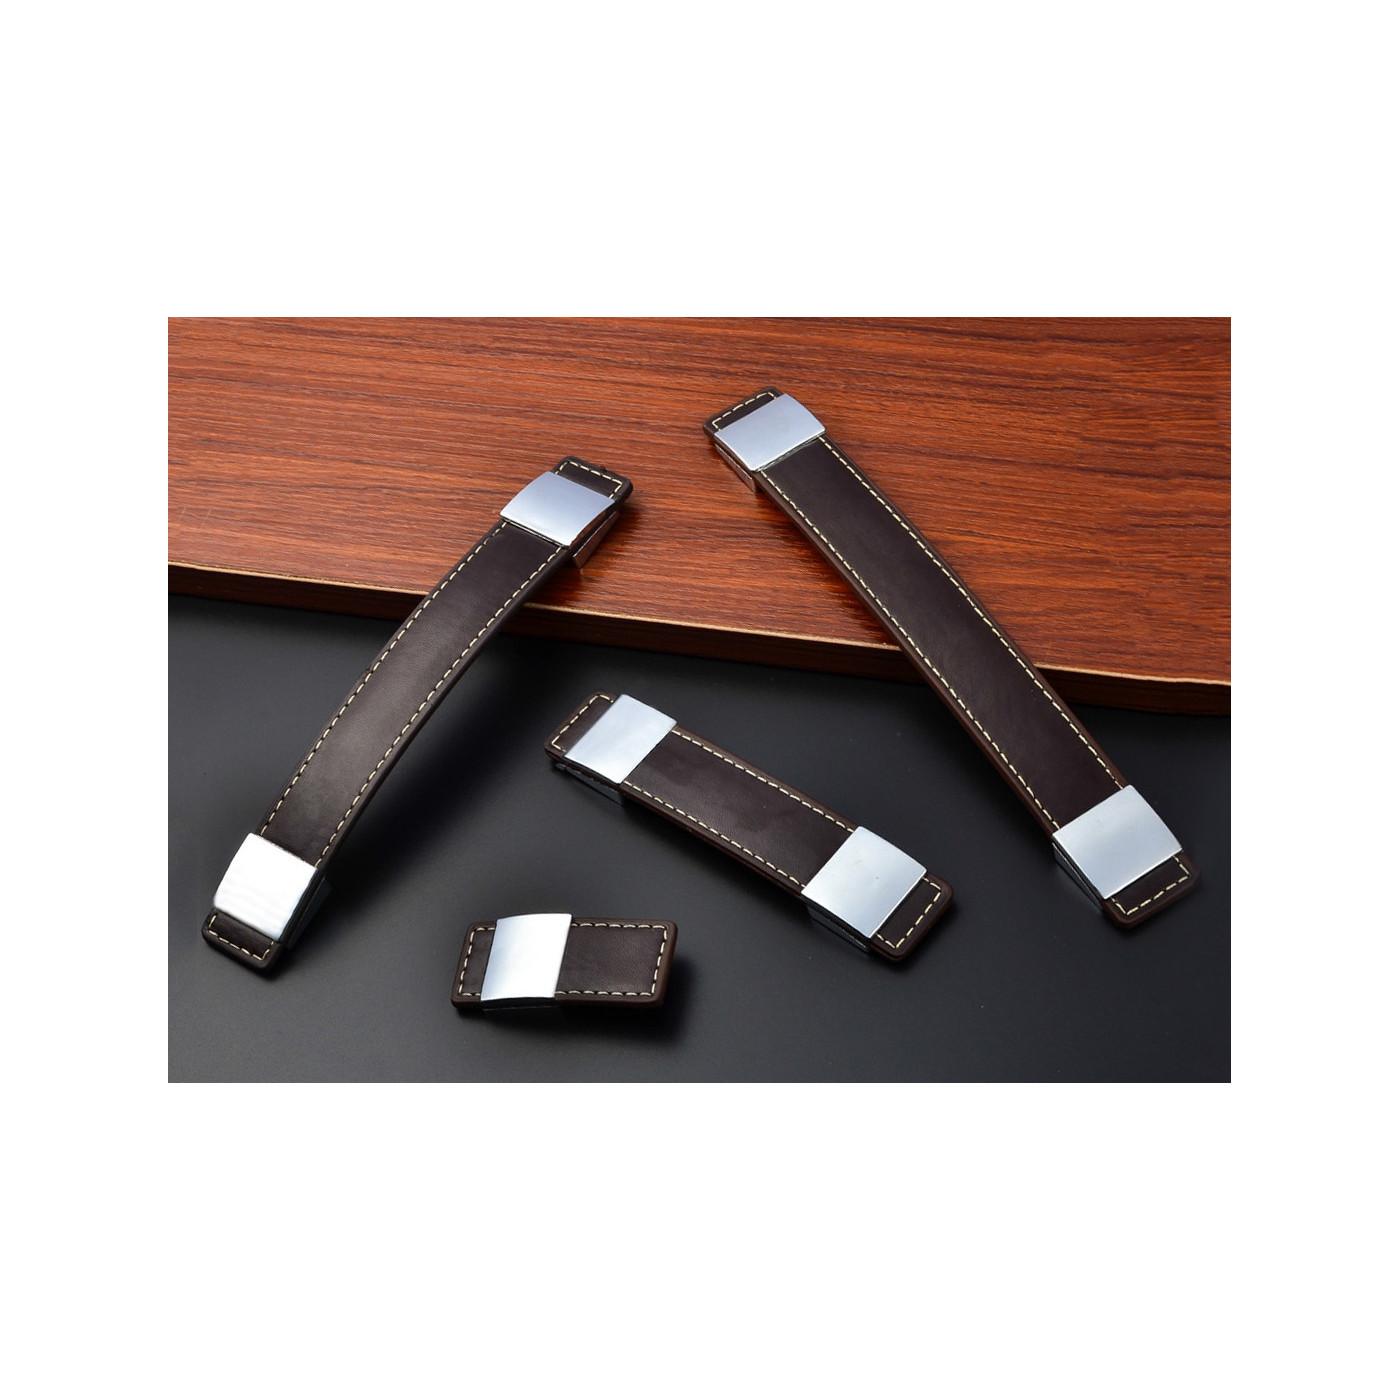 Lot de 4 poignées de meuble en cuir, brun foncé, 146x30 mm